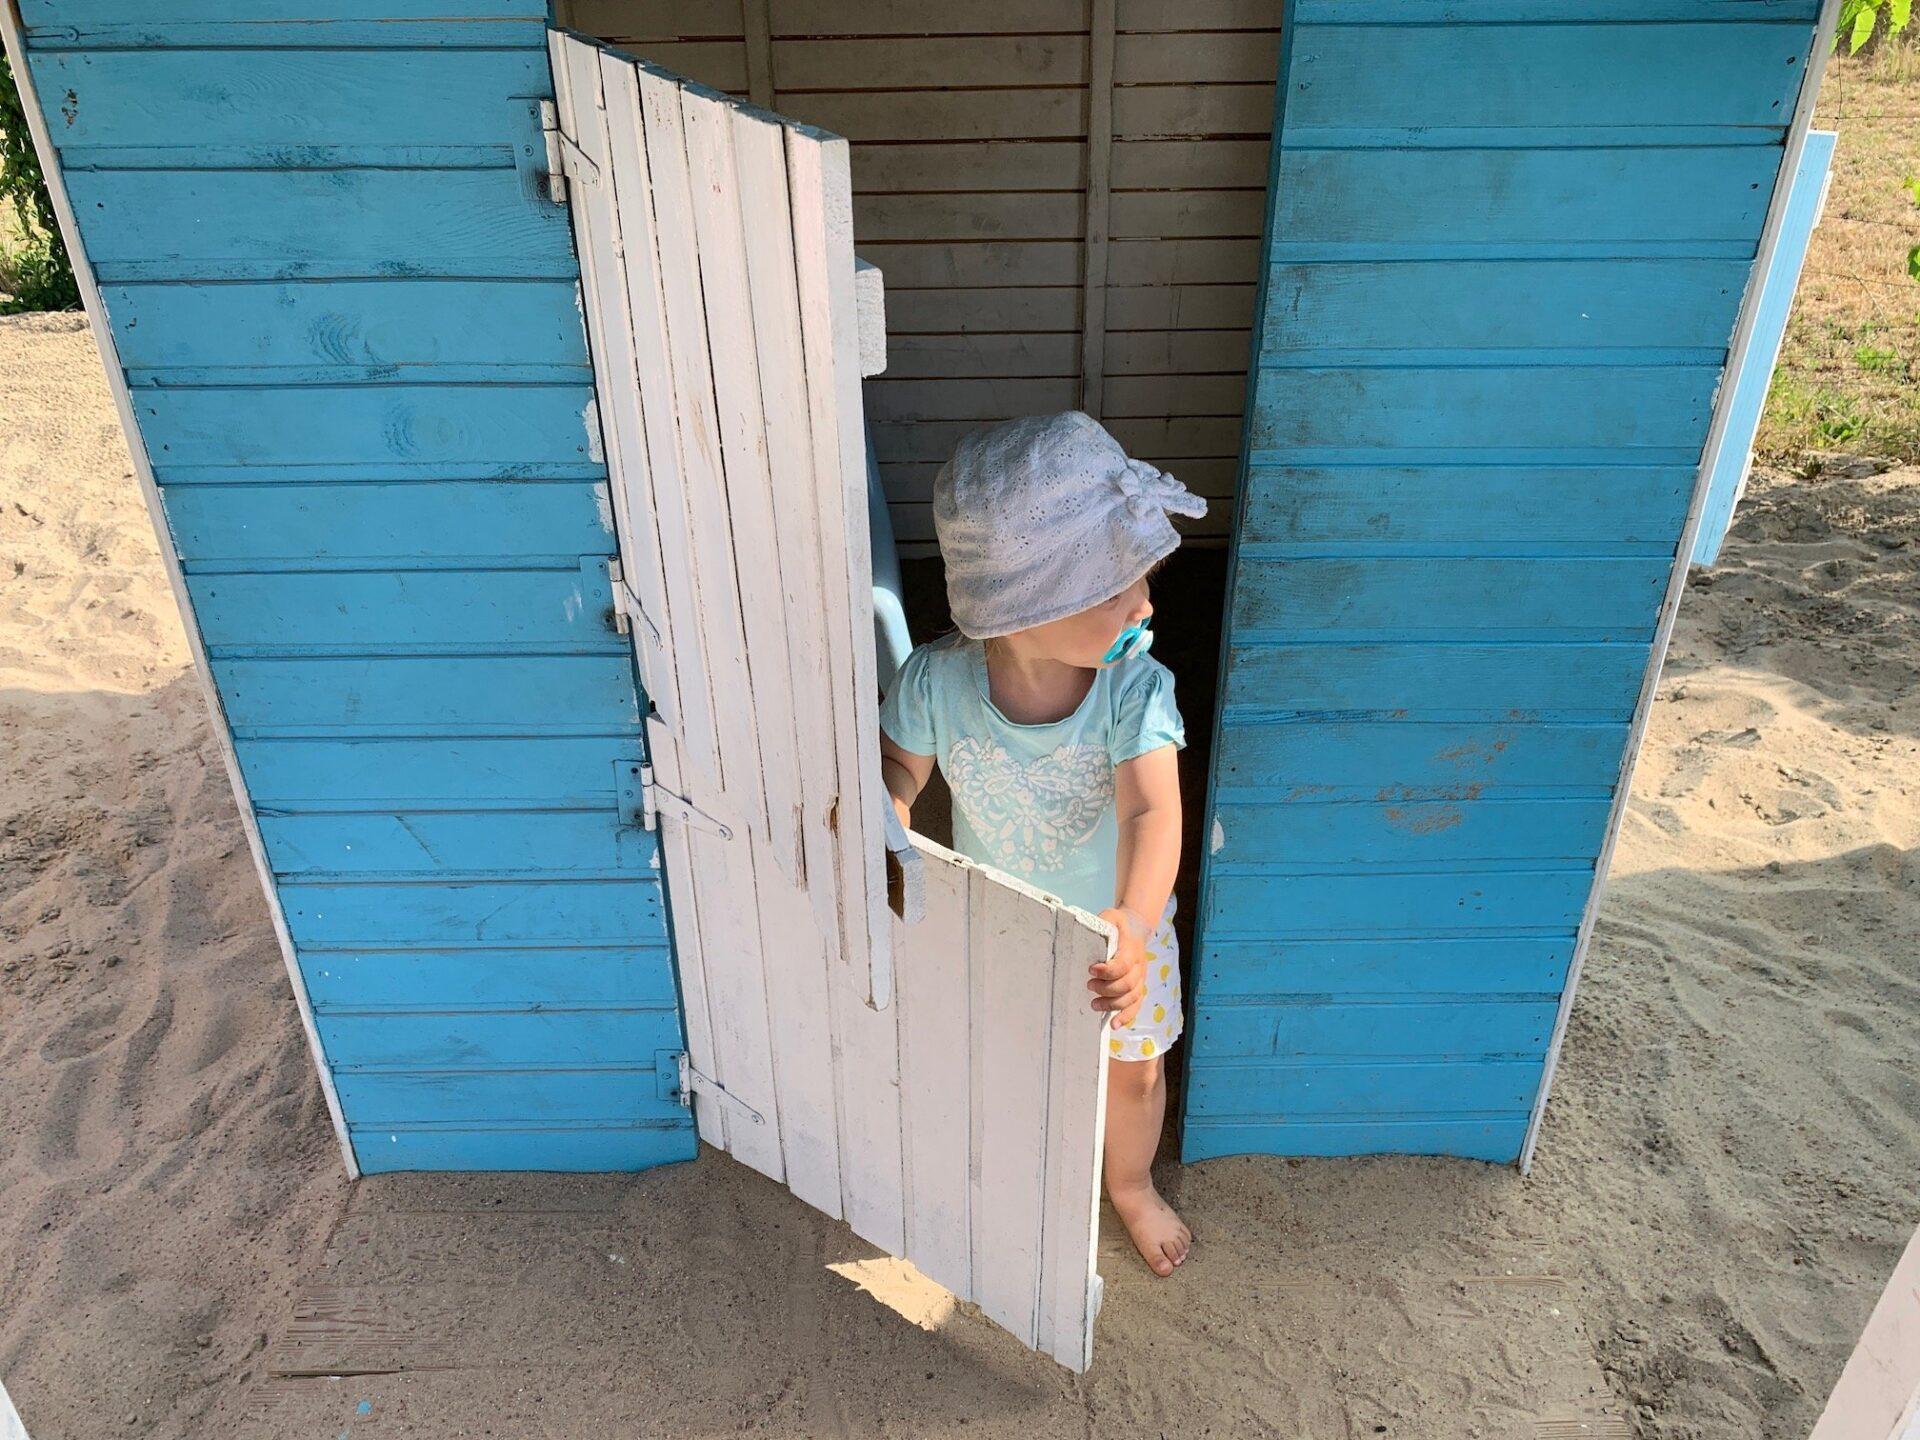 jak odstawić smoczek u dziecka